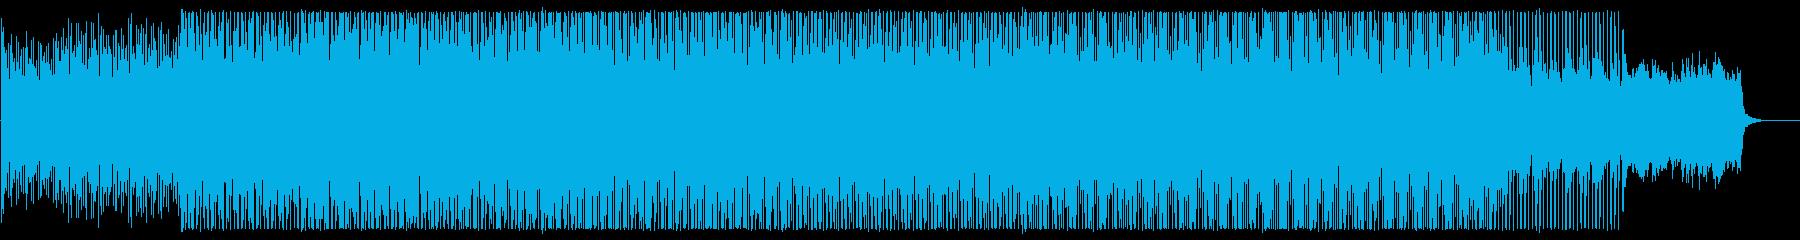 穏やかなミディアムテンポのテクノポップの再生済みの波形